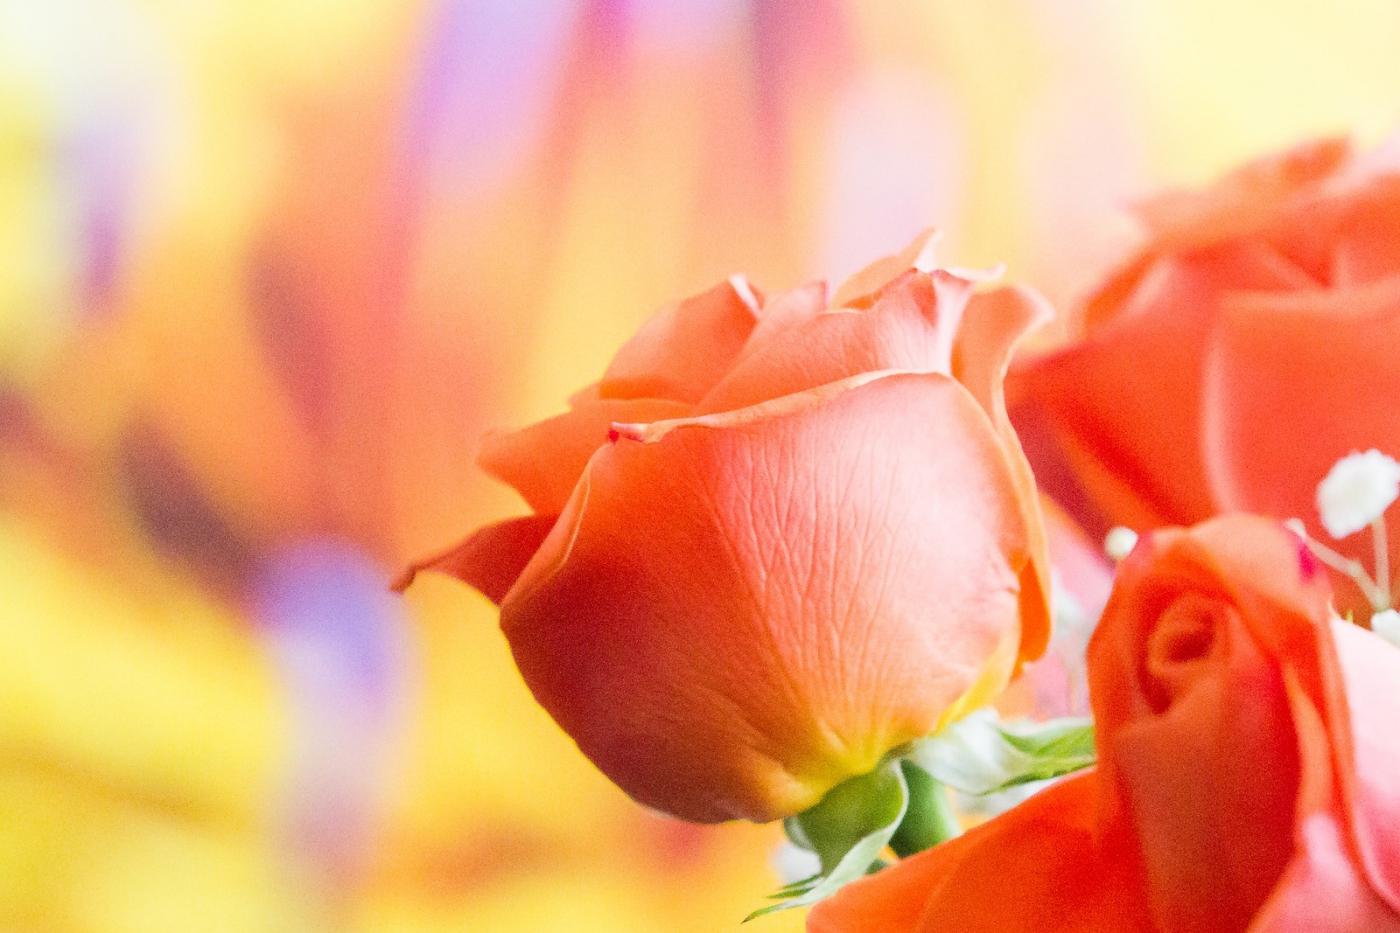 情人节你送花了吗?_图1-4